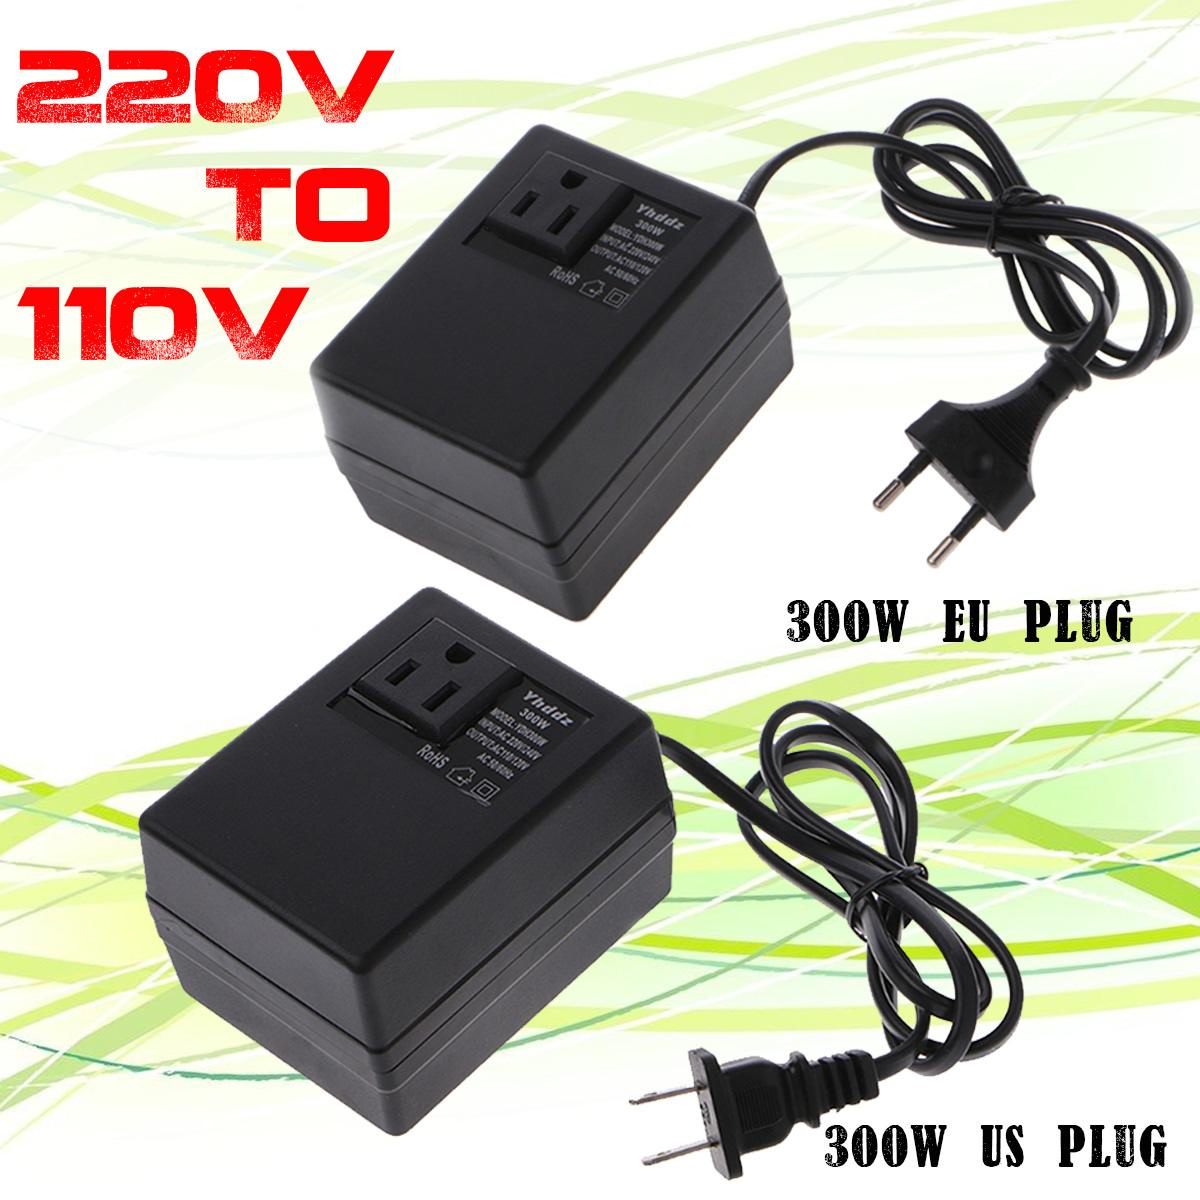 NEW 300W Voltage Converter Transformer Step Down 220V To 110V AC Step Down Travel Voltage Transformer Converter